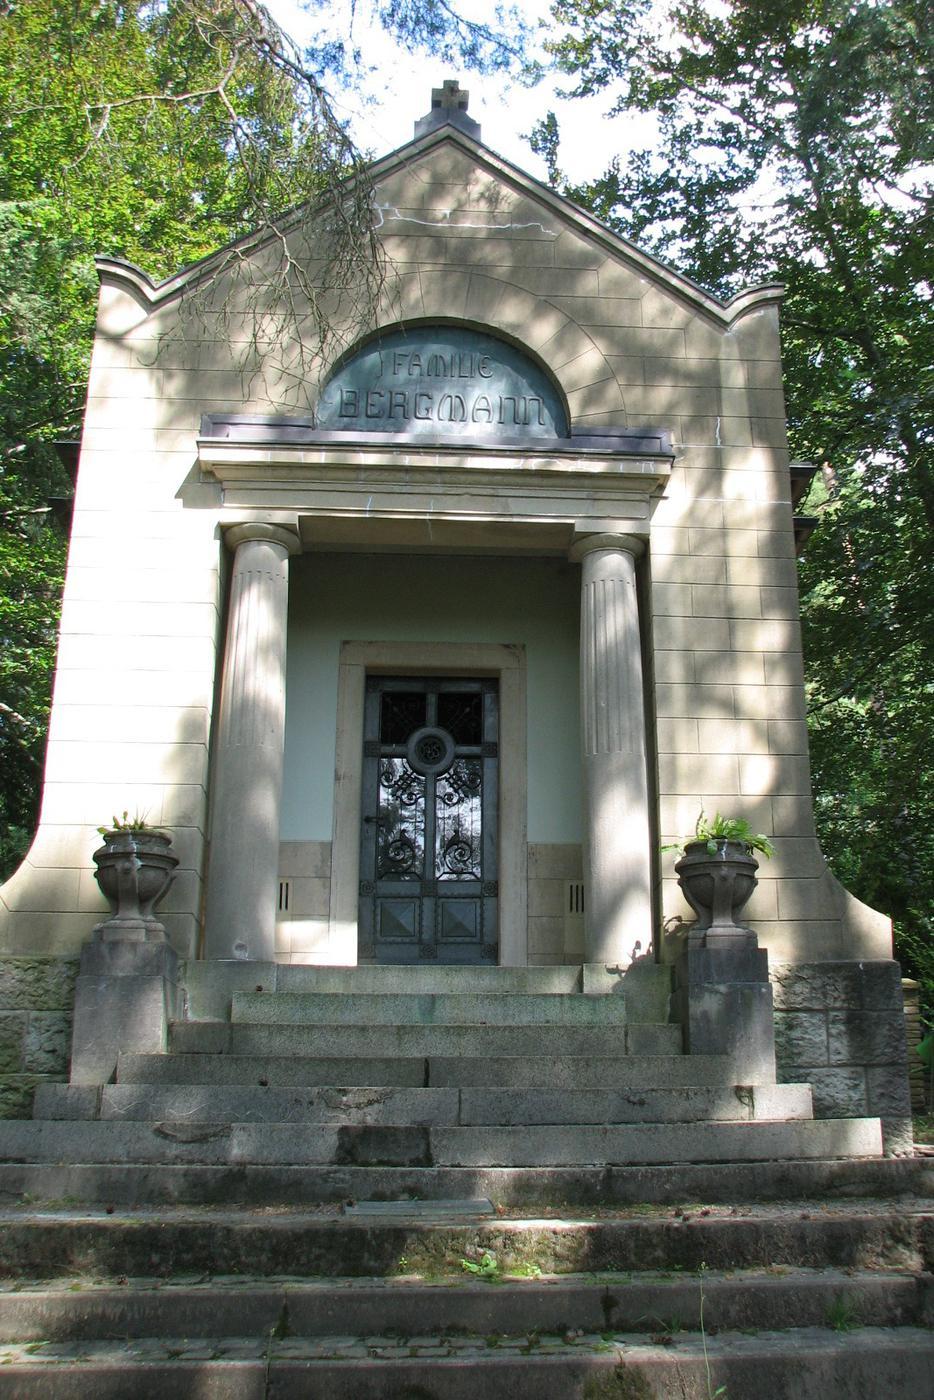 Grabstätte der Familie Bergmann auf dem Waldfriedhof in Gaggenau